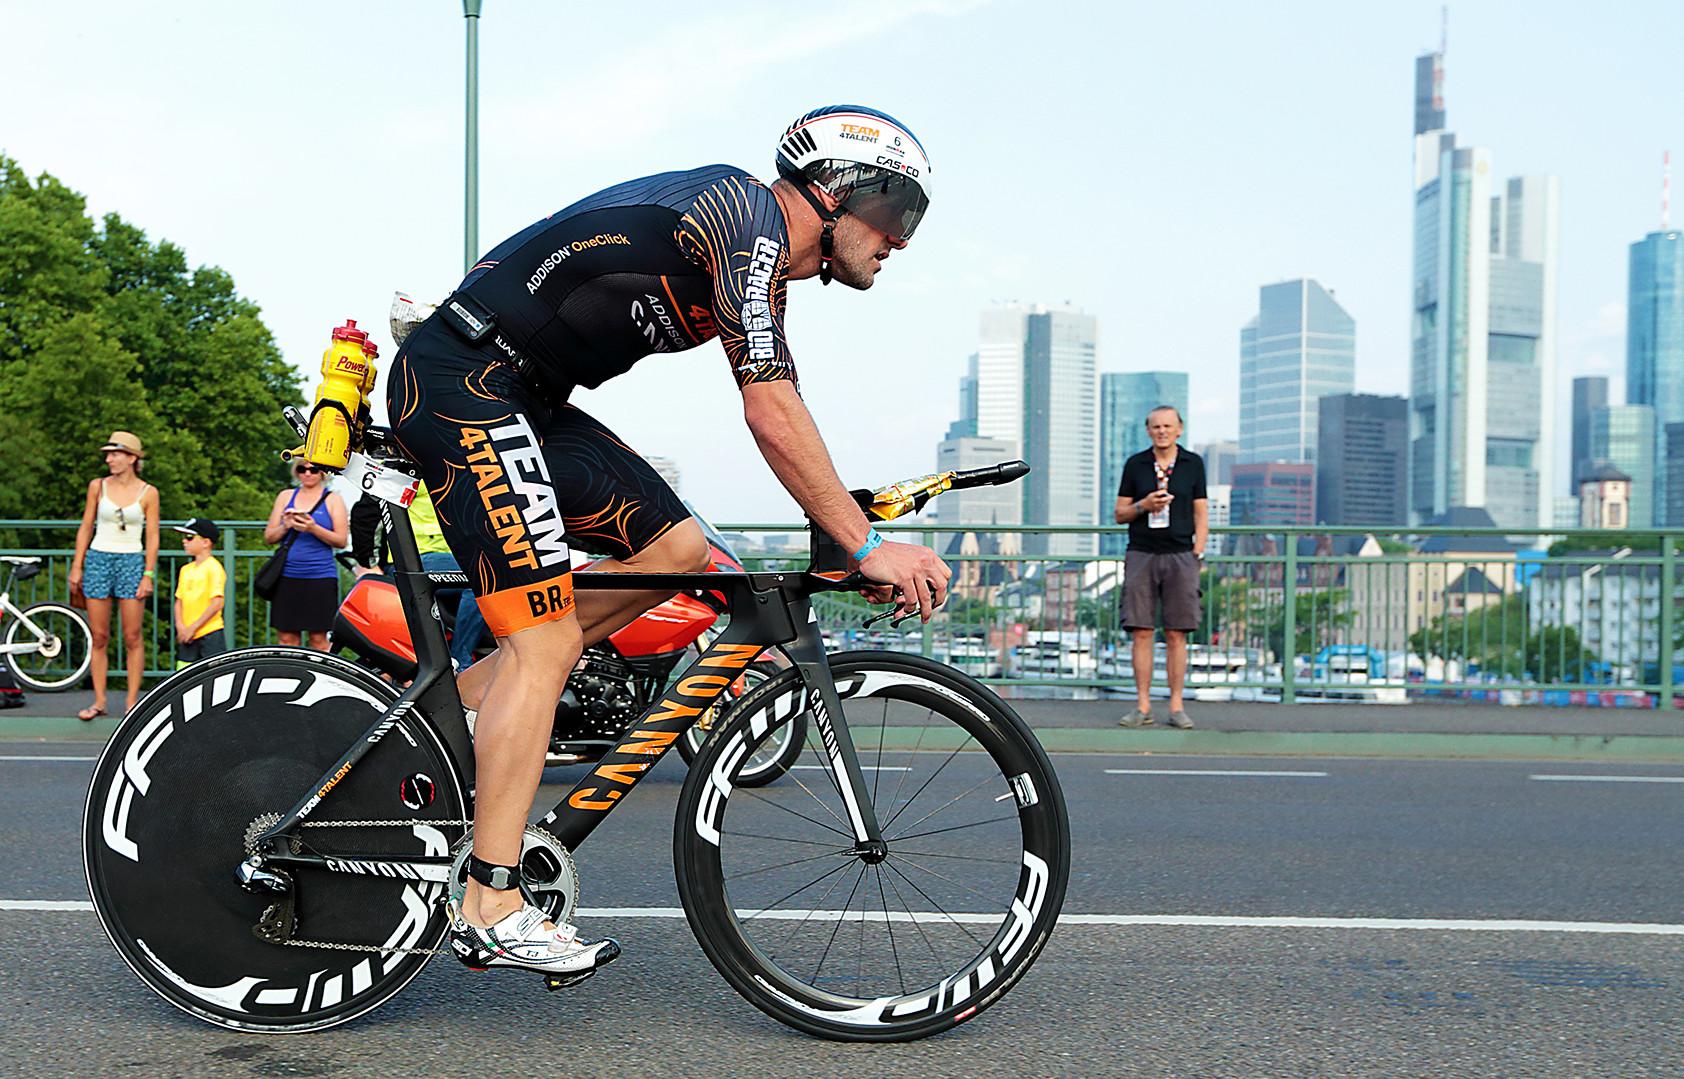 Derde race Ironman Frankfurt / Europees kampioenschap!